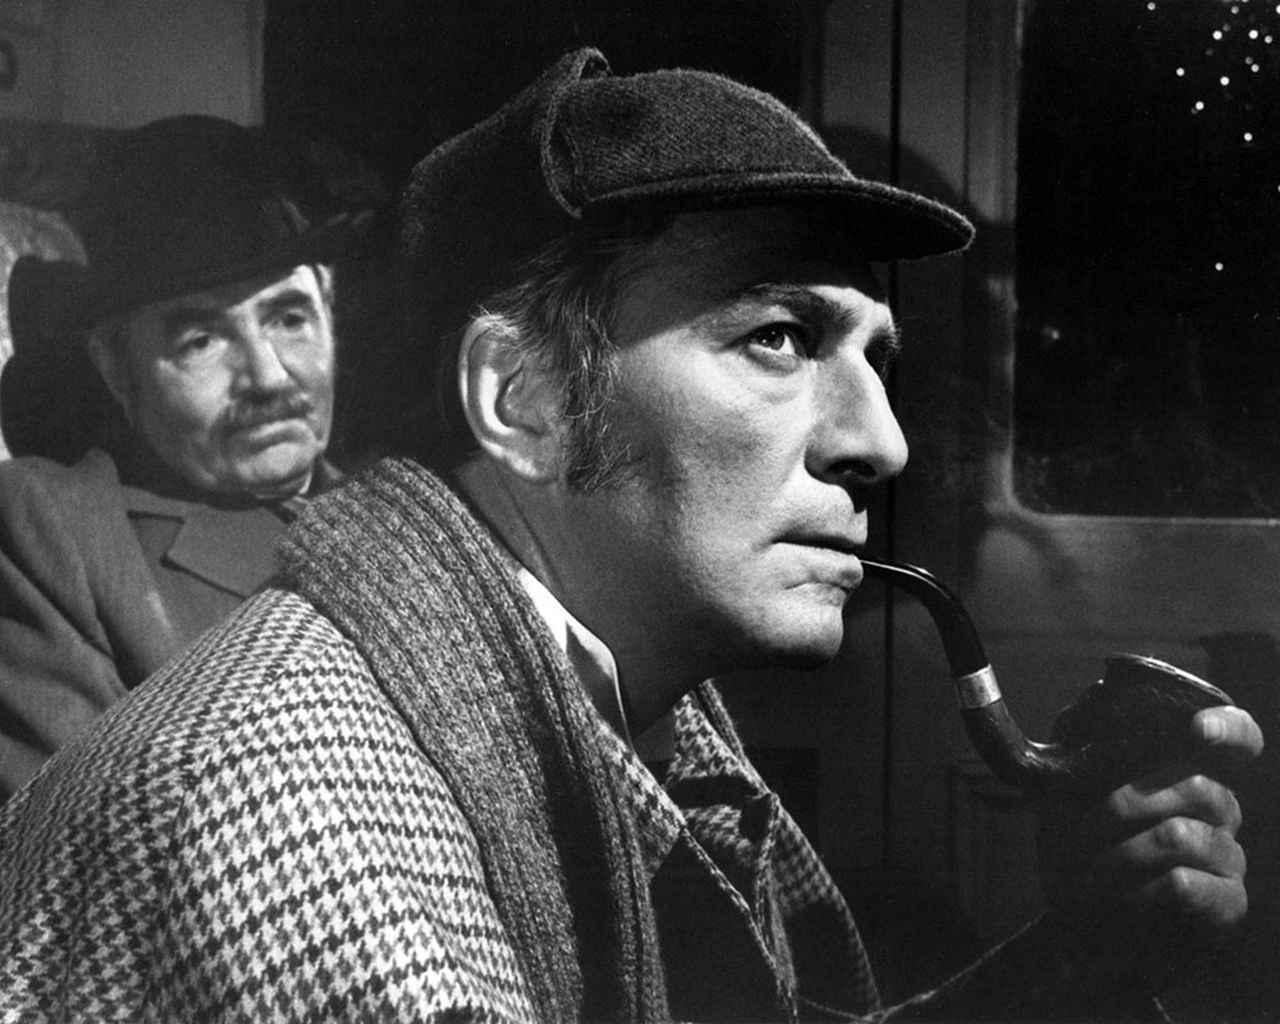 画像: 『名探偵ホームズ 黒馬車の影』(1979)